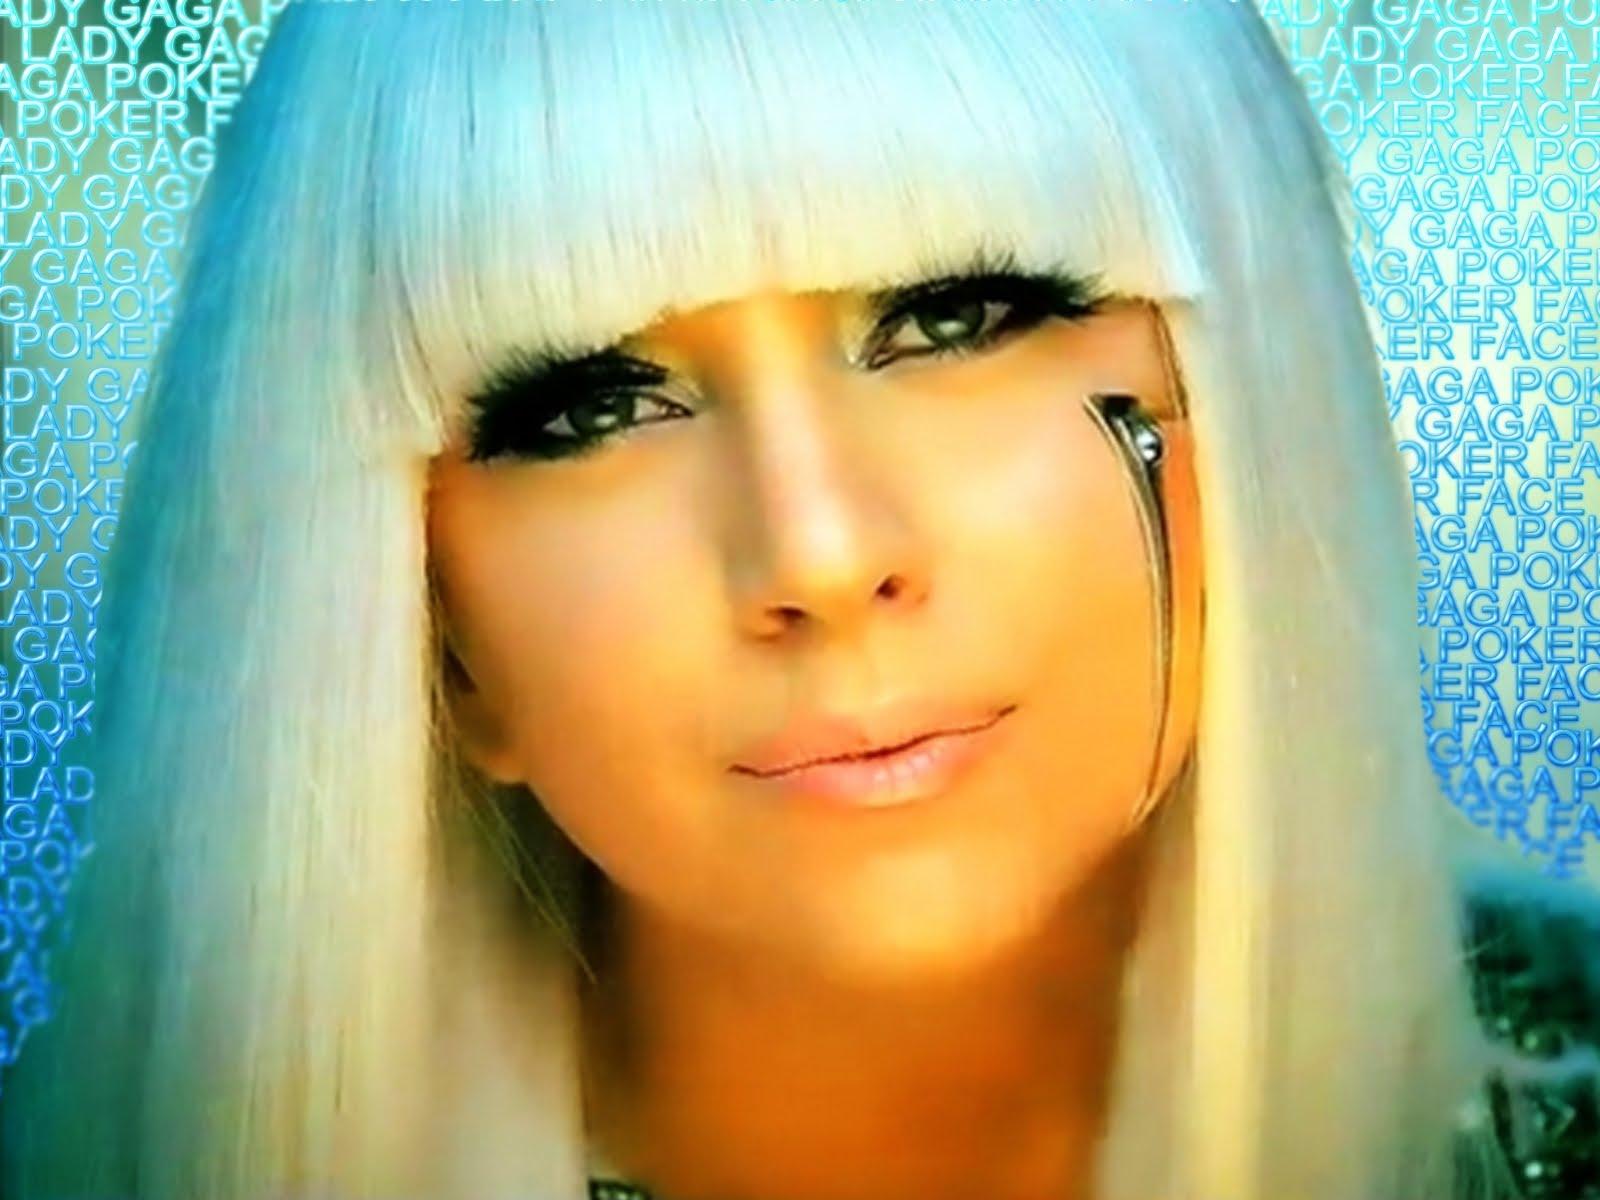 http://2.bp.blogspot.com/_vThcww4328Q/TJPheuKikzI/AAAAAAAAAIY/4Y5rSoYKC24/s1600/Lady-GaGa-lady-gaga-3355925-1600-1200.jpg